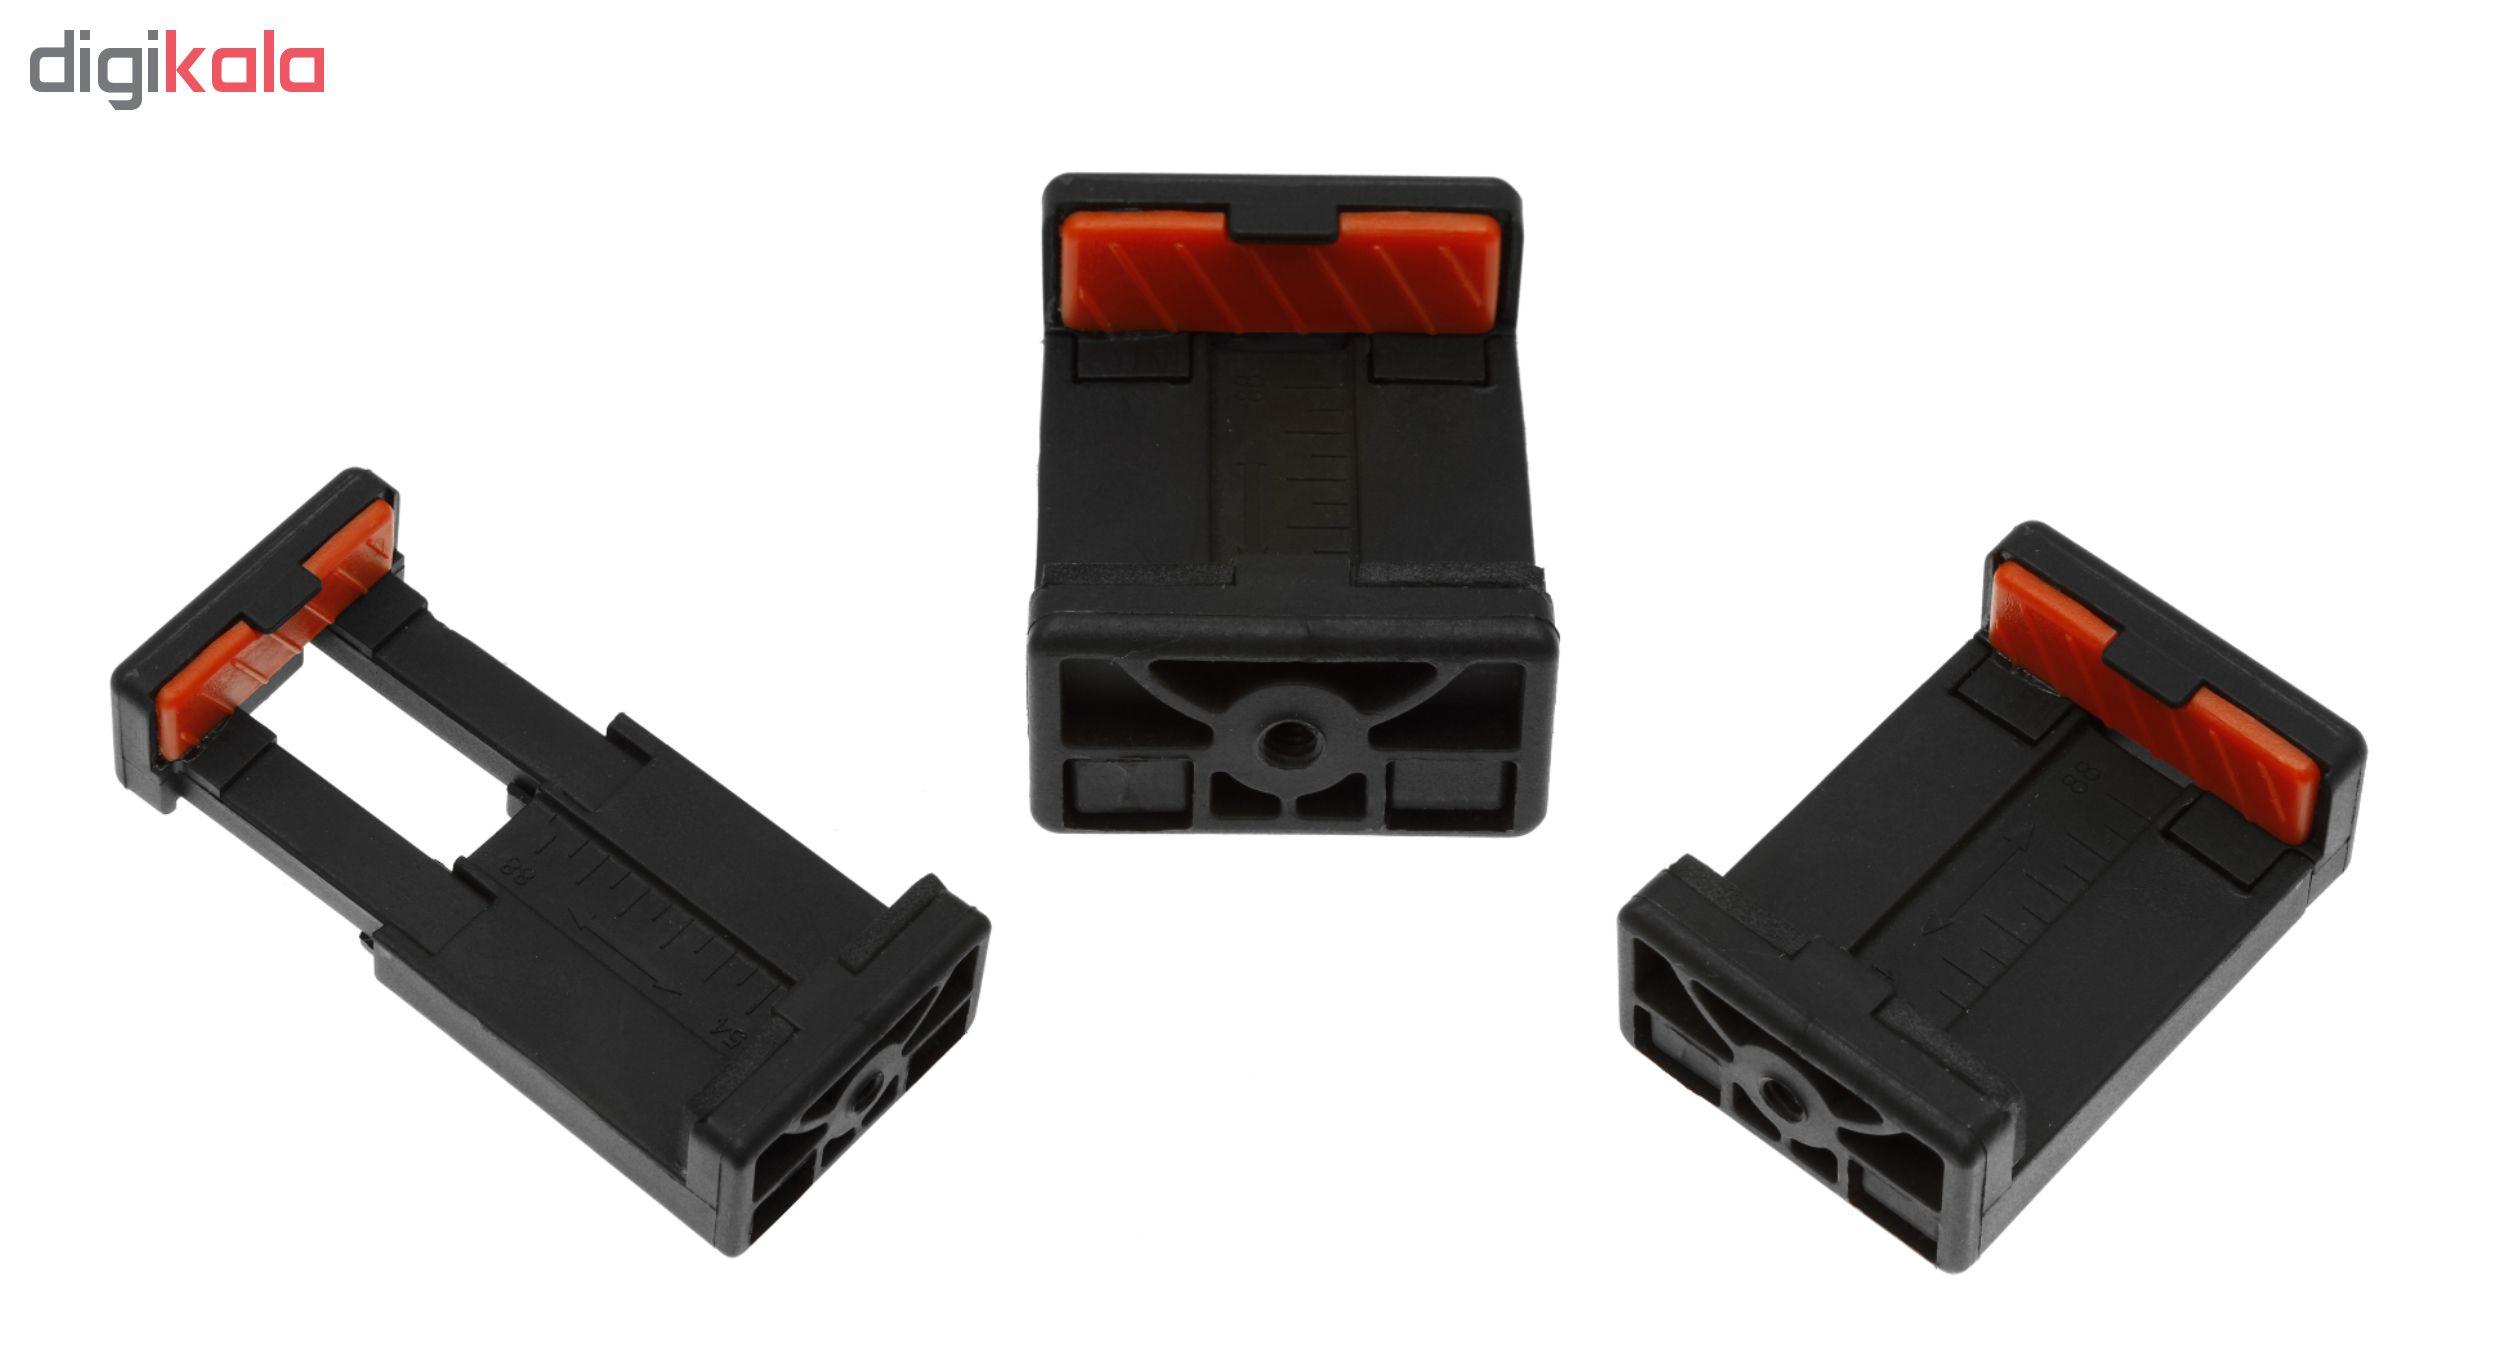 پایه نگهدارنده گوشی موبایل یونیمات مدل D-909-B main 1 6